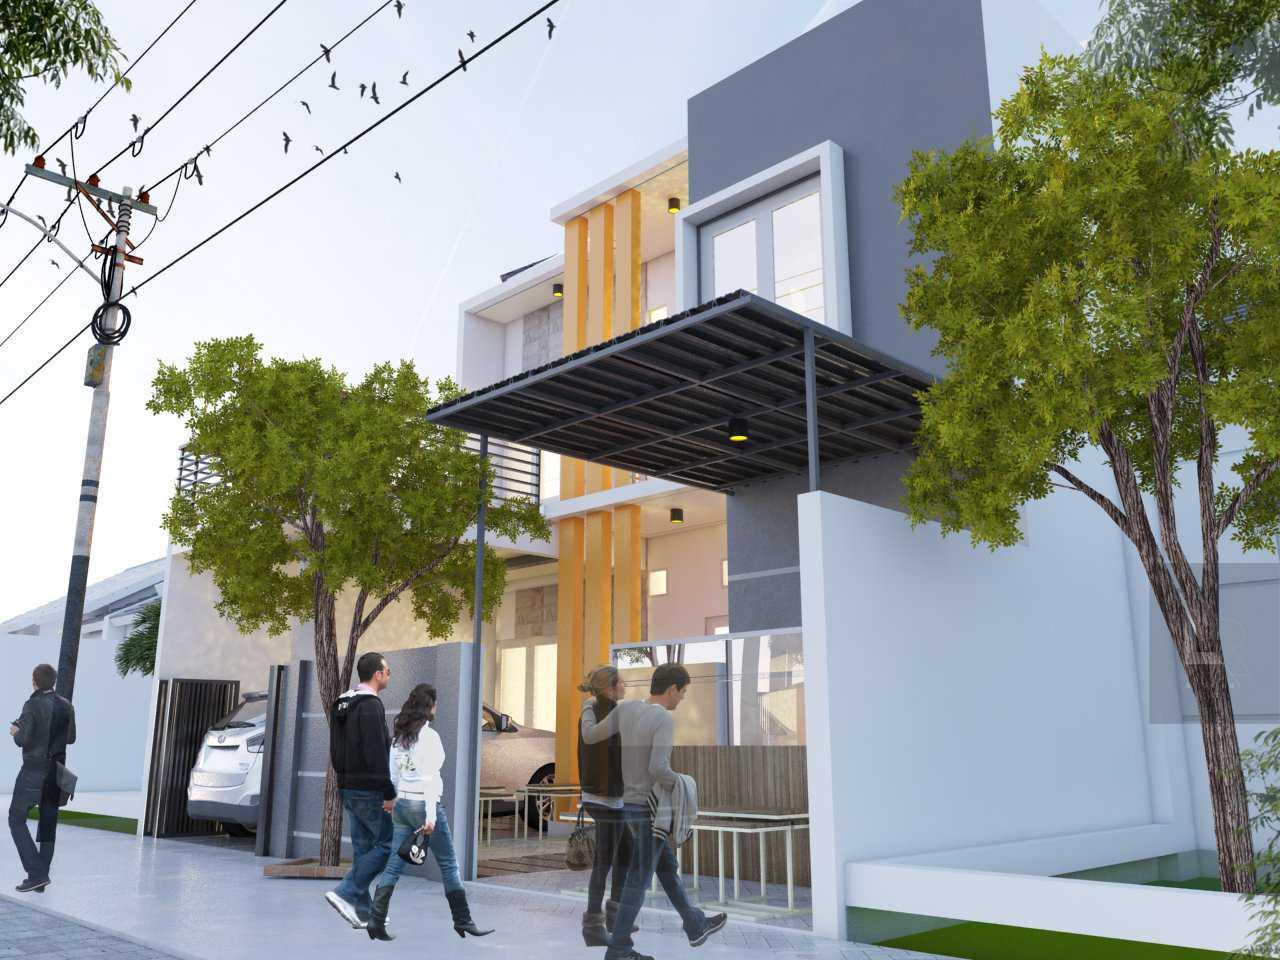 Arz Studio Desain Rumah Renovasi Di Malang Landungsari, Dau, Malang, Jawa Timur, Indonesia Landungsari, Dau, Malang, Jawa Timur, Indonesia Exterior View Minimalis 42709